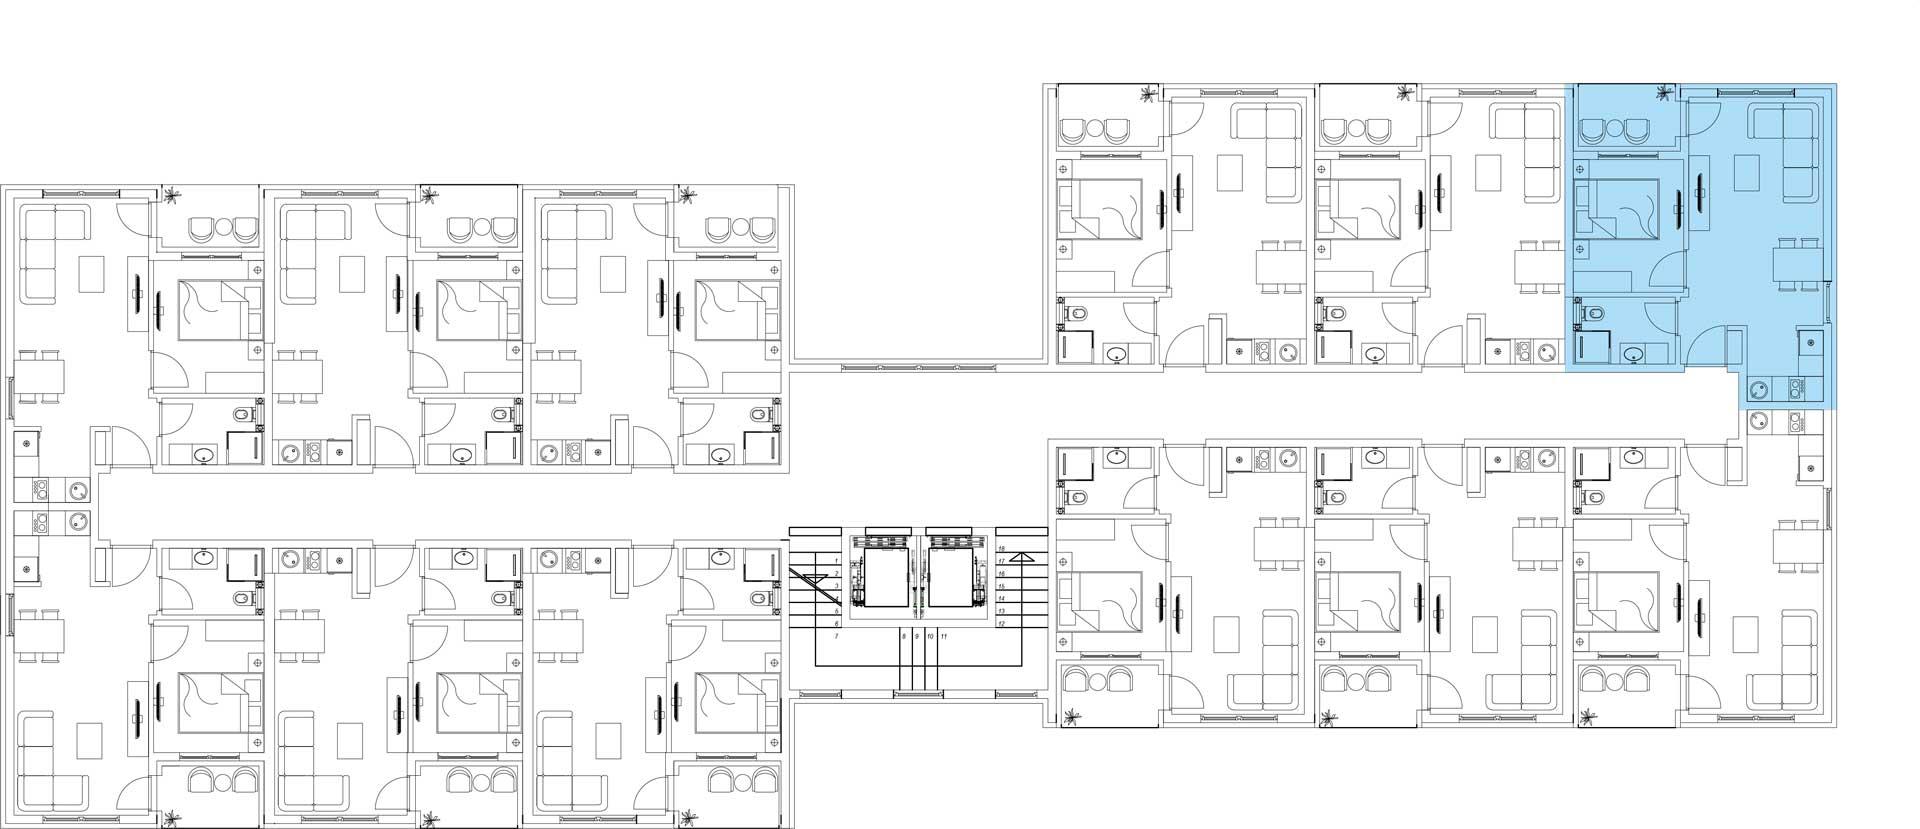 Orjentacija-stambenih-jedinica--22,-34,-46,-58,-70,-82,-94